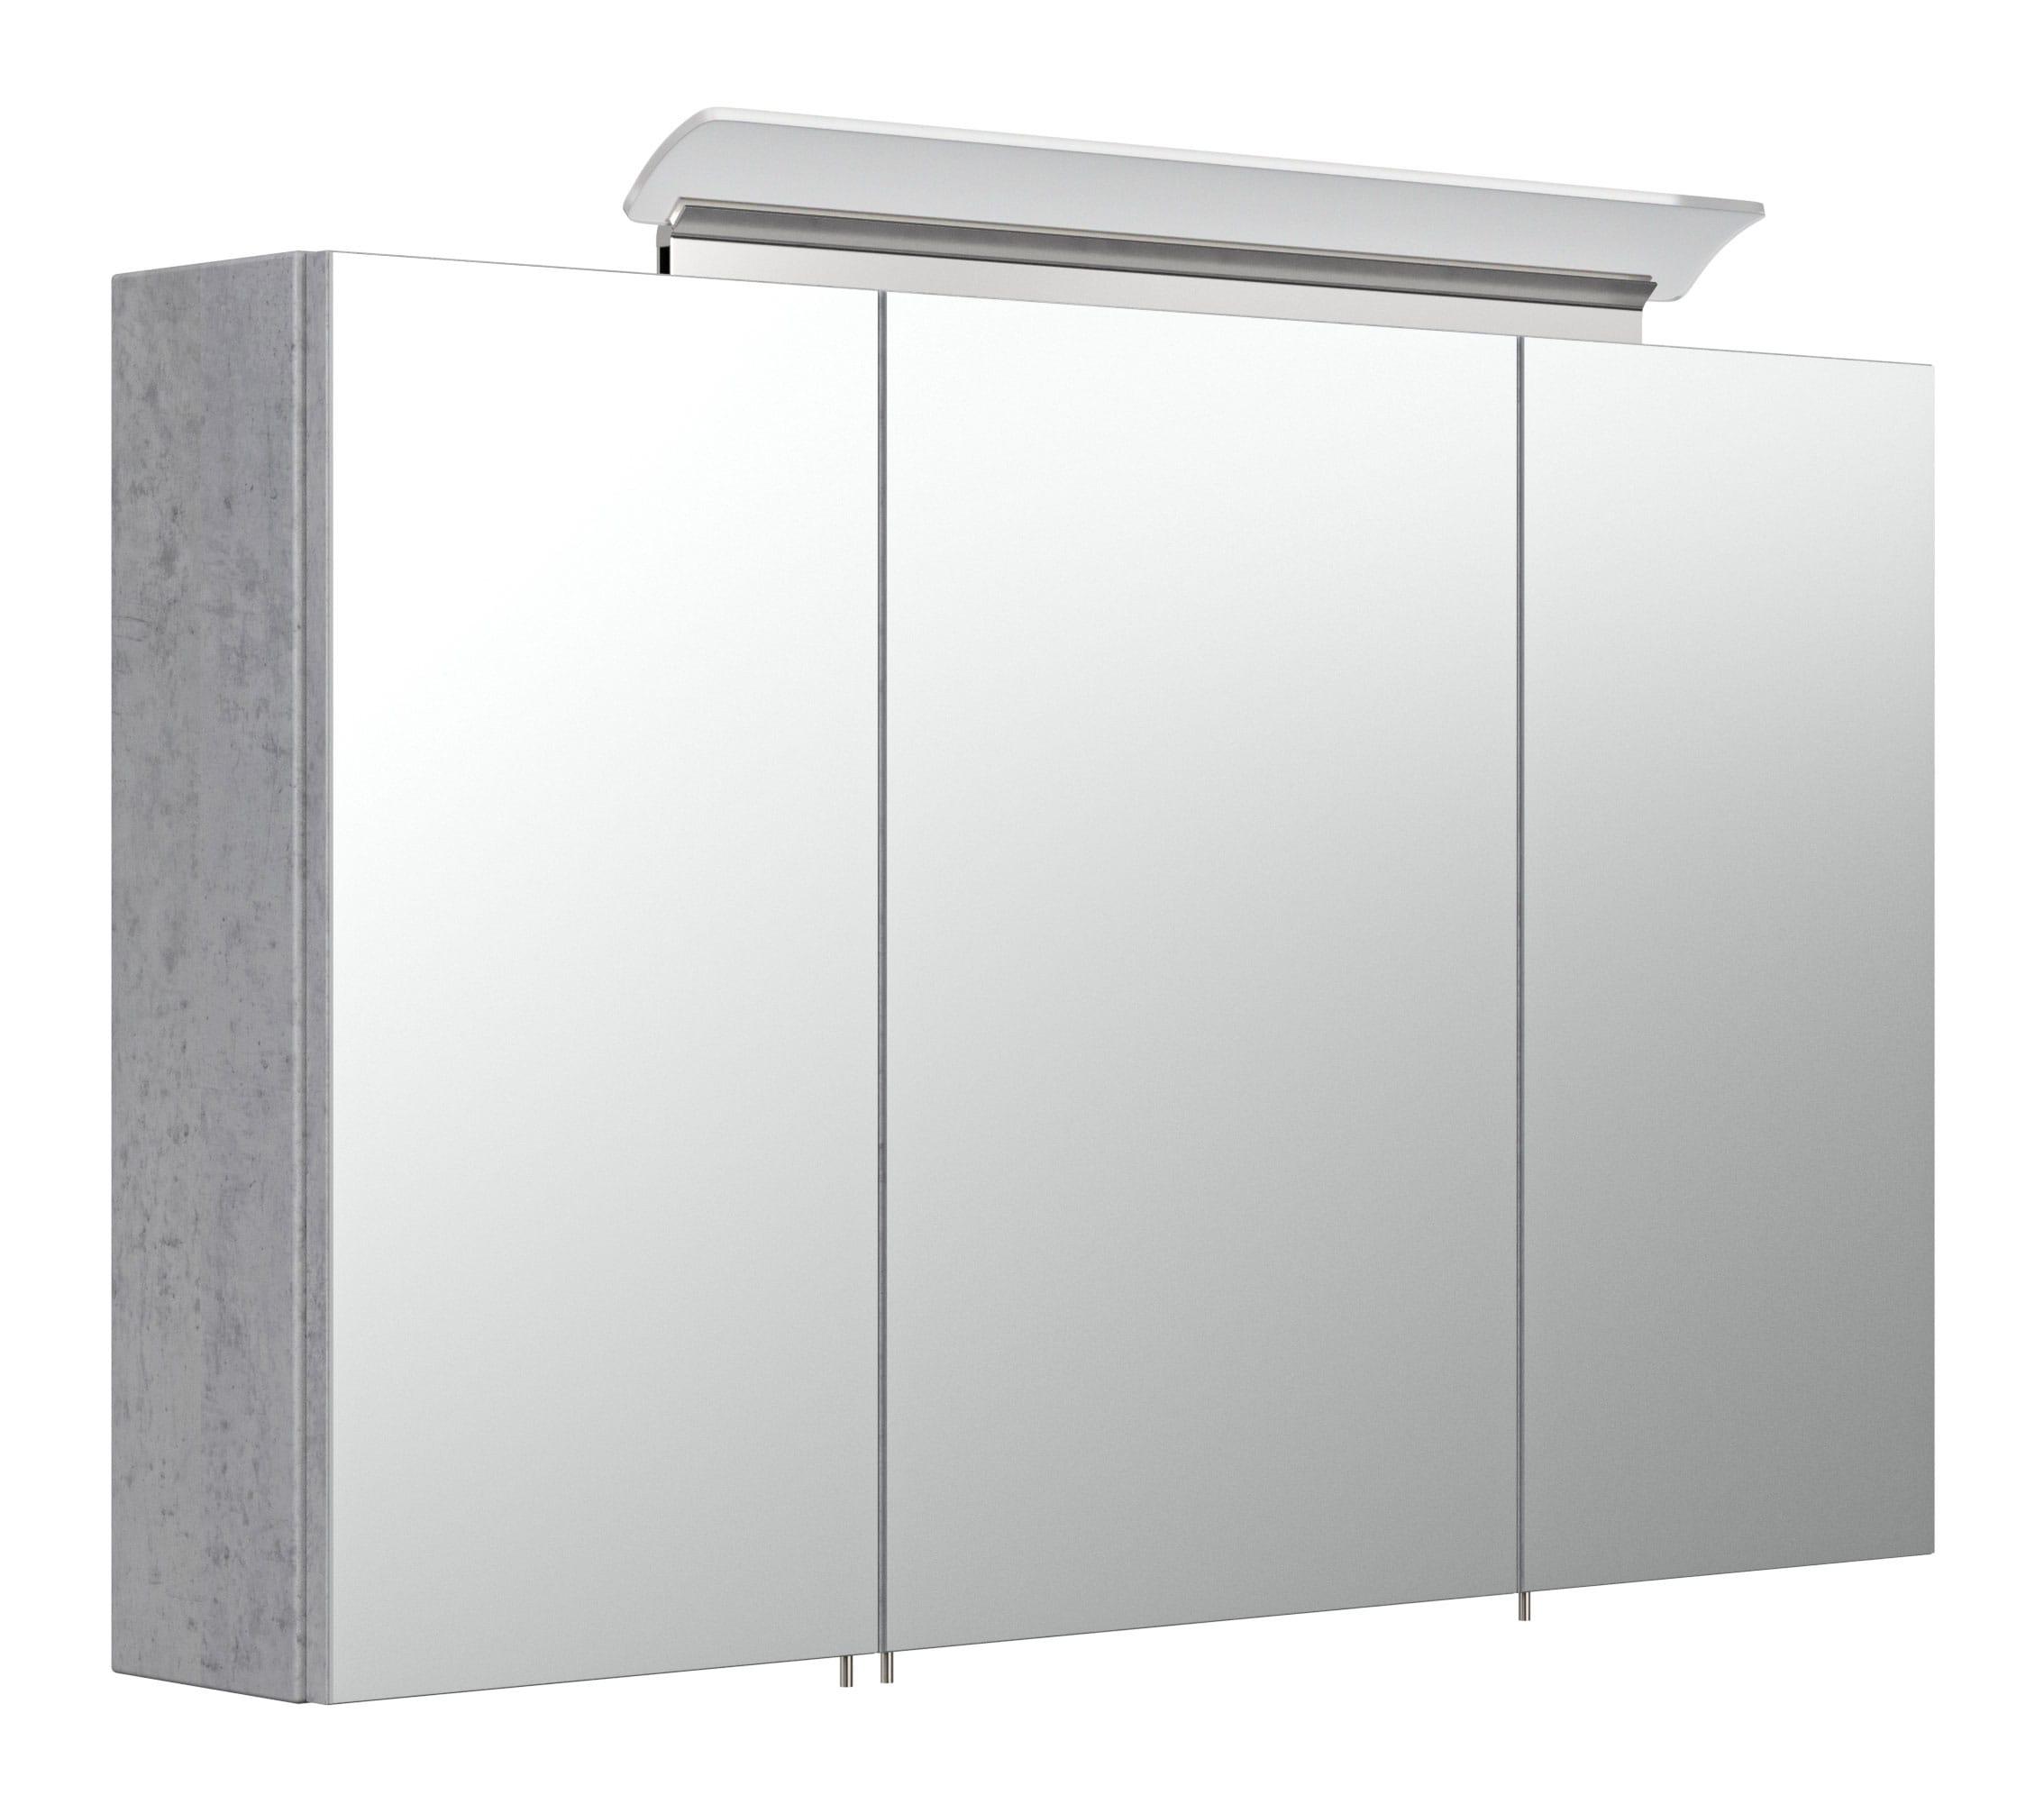 Saniclear Rocky 100cm spiegelkast met design LED verlichting beton grijs